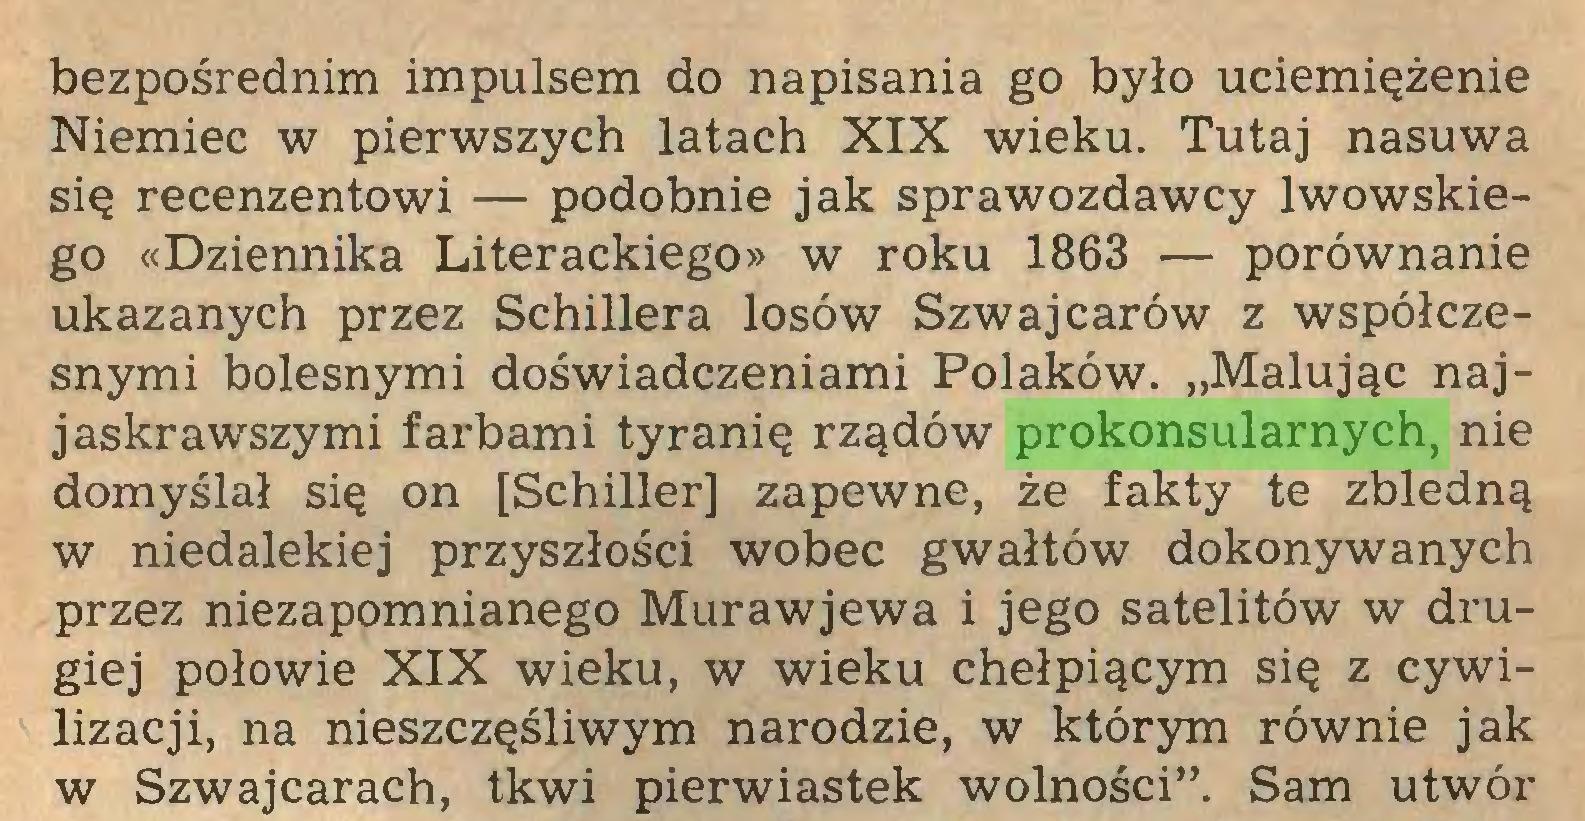 """(...) bezpośrednim impulsem do napisania go było uciemiężenie Niemiec w pierwszych latach XIX wieku. Tutaj nasuwa się recenzentowi — podobnie jak sprawozdawcy lwowskiego «Dziennika Literackiego» w roku 1863 — porównanie ukazanych przez Schillera losów Szwajcarów z współczesnymi bolesnymi doświadczeniami Polaków. """"Malując najjaskrawszymi farbami tyranię rządów prokonsularnych, nie domyślał się on [Schiller] zapewne, że fakty te zbledną w niedalekiej przyszłości wobec gwałtów dokonywanych przez niezapomnianego Murawjewa i jego satelitów w drugiej połowie XIX wieku, w wieku chełpiącym się z cywilizacji, na nieszczęśliwym narodzie, w którym równie jak w Szwajcarach, tkwi pierwiastek wolności"""". Sam utwór..."""